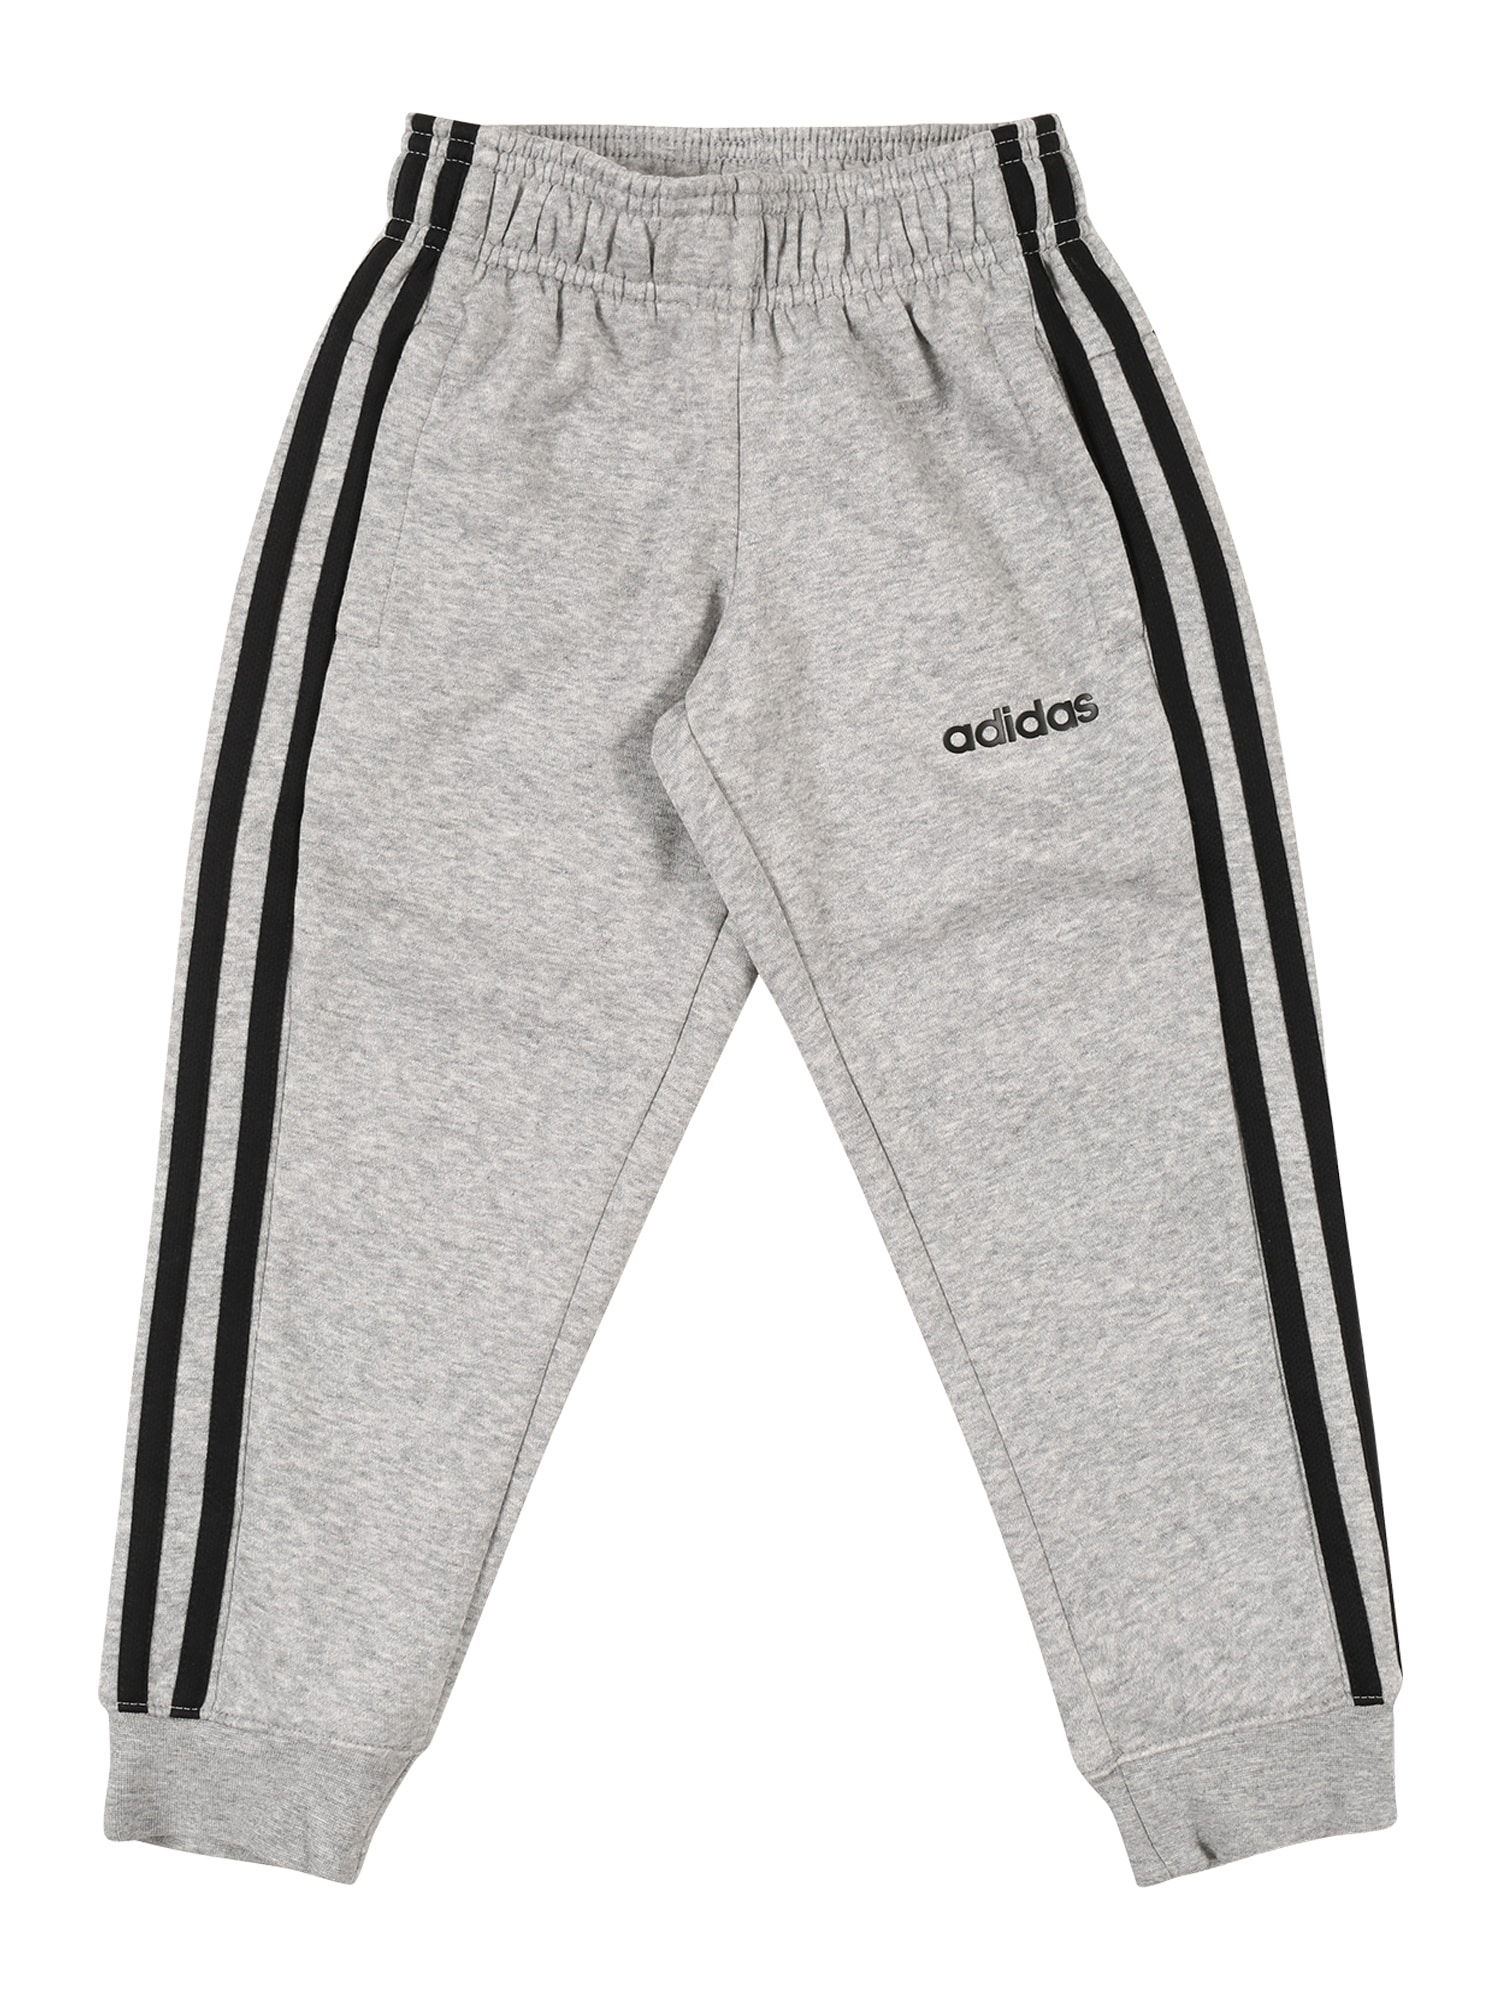 ADIDAS PERFORMANCE Sportinės kelnės juoda / margai pilka